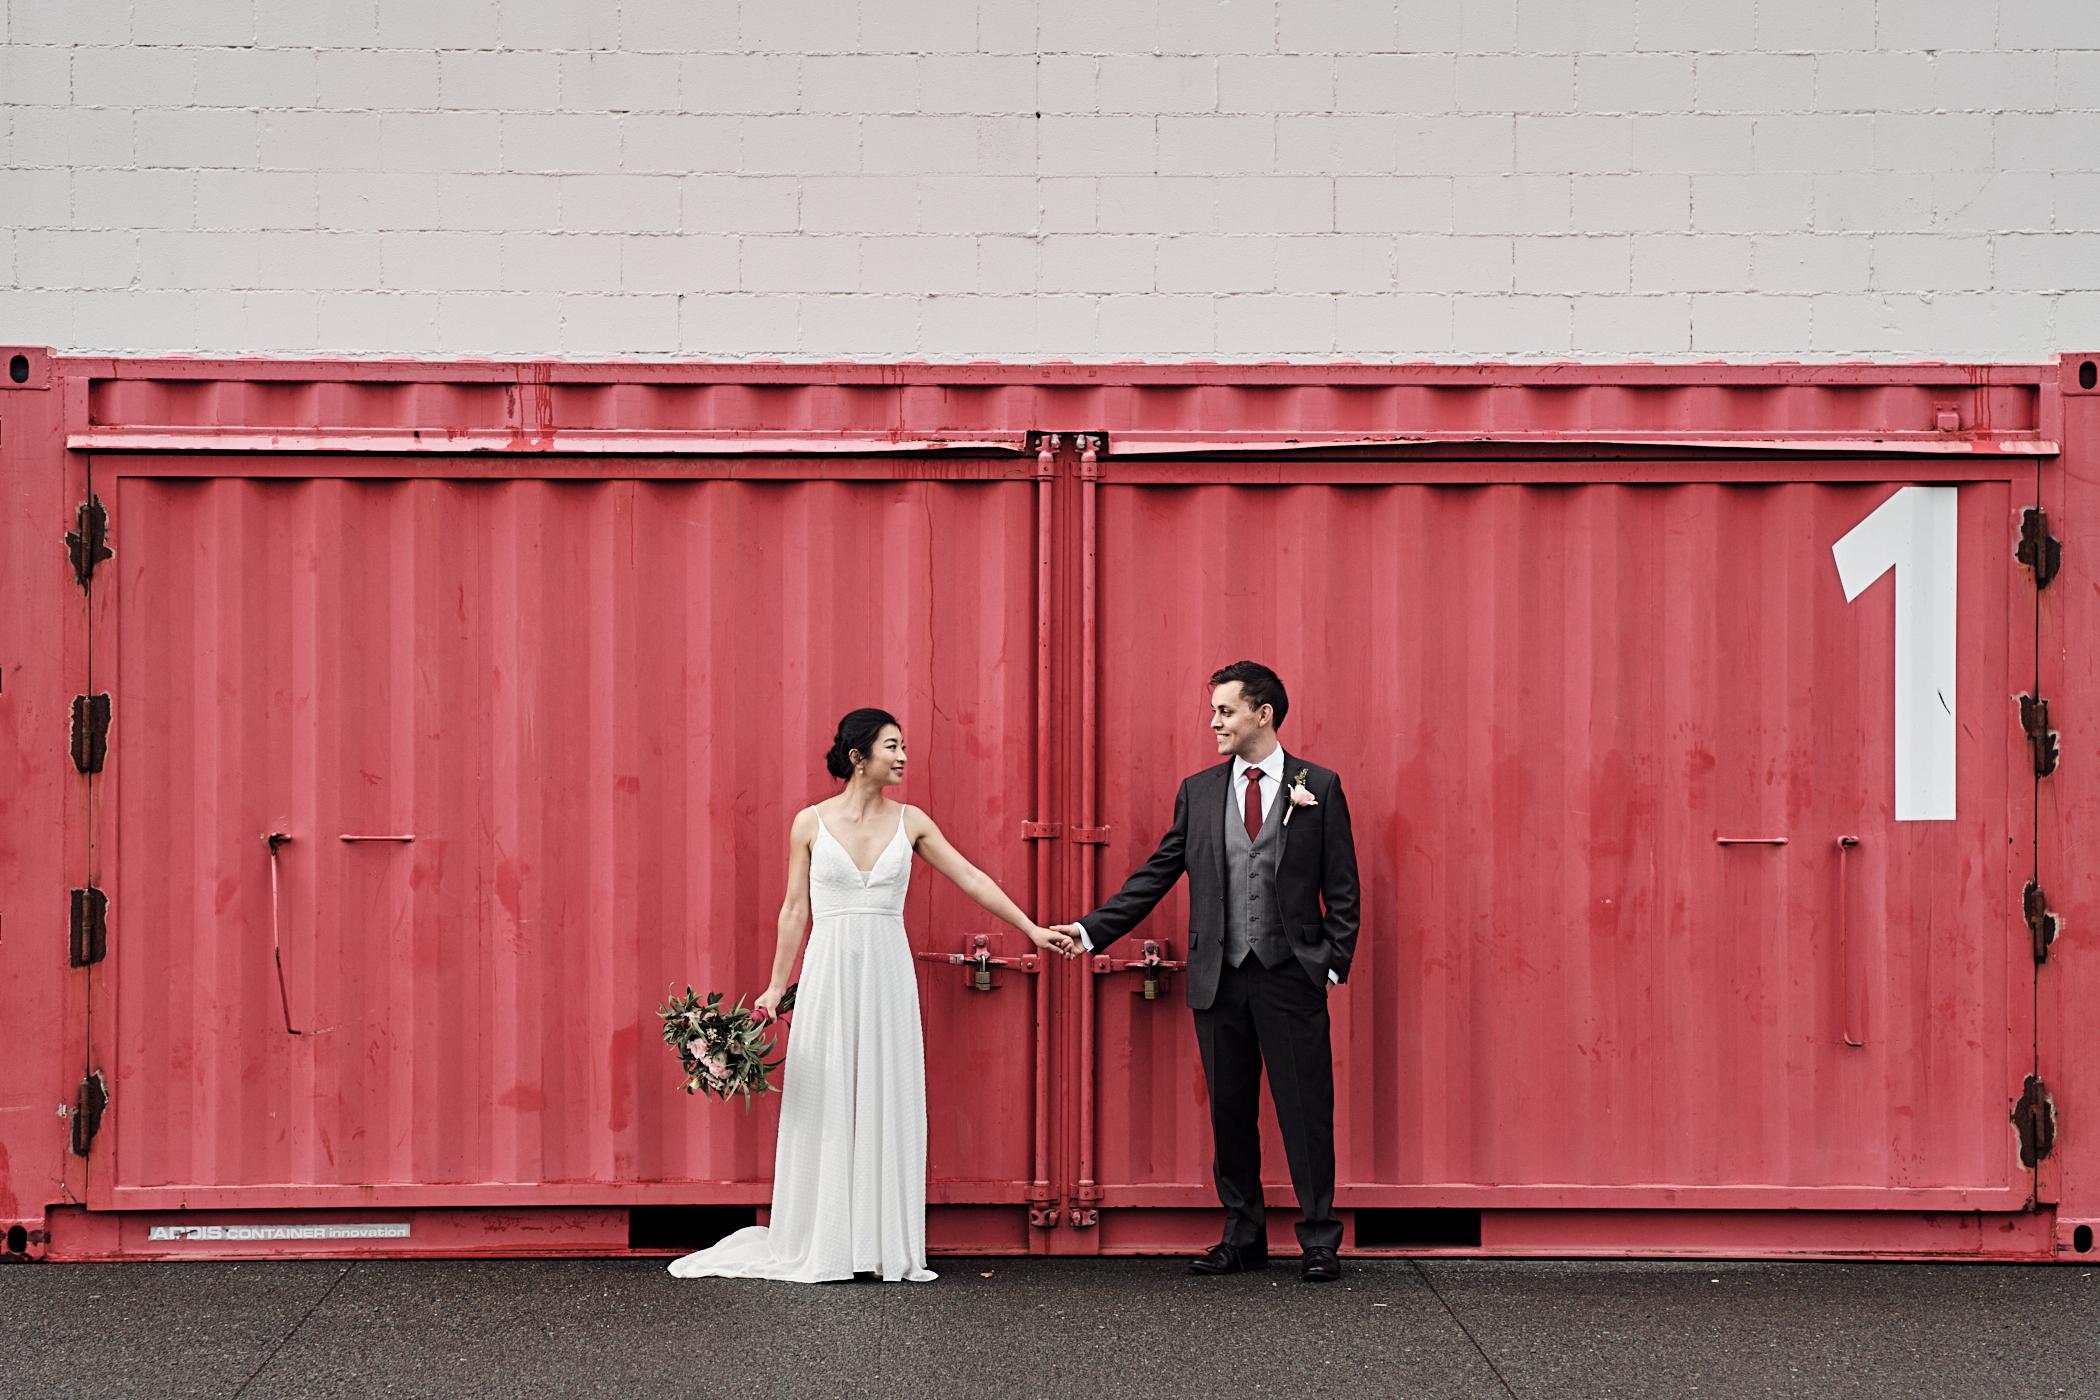 wedding photography 89349